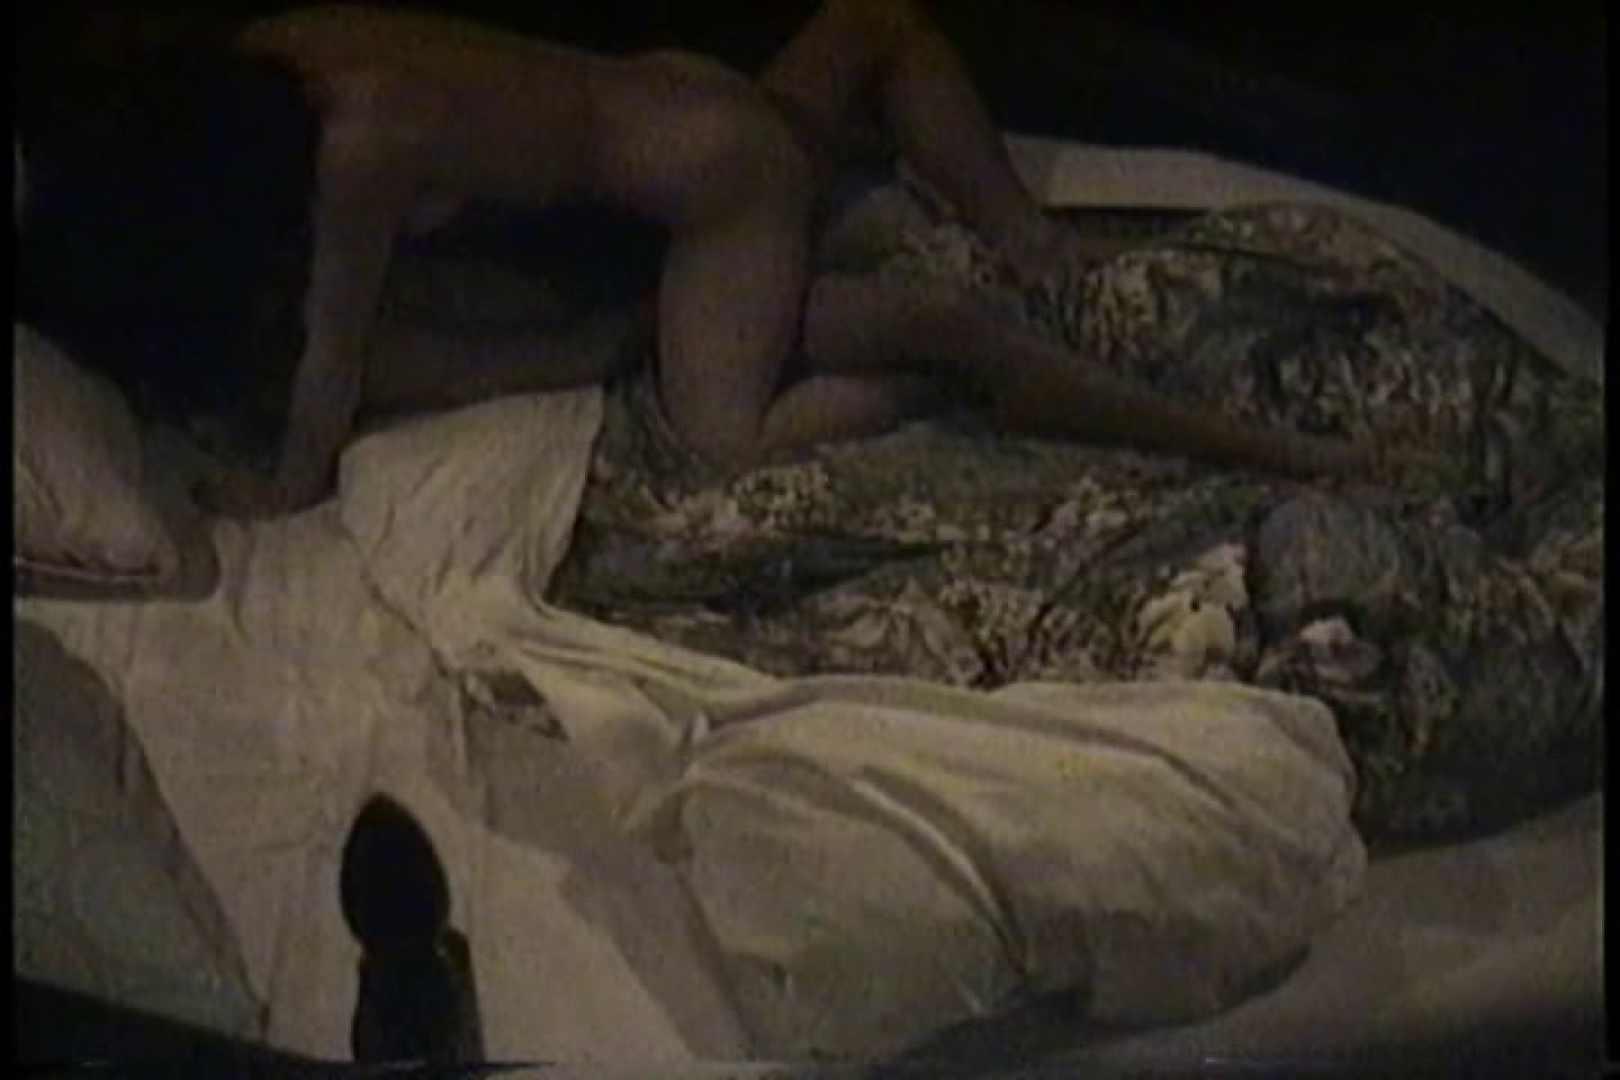 実録!ラブホテル~消し忘れ注意!昭和の色編~ vol.29 SEX画像 性交動画流出 105PICs 82